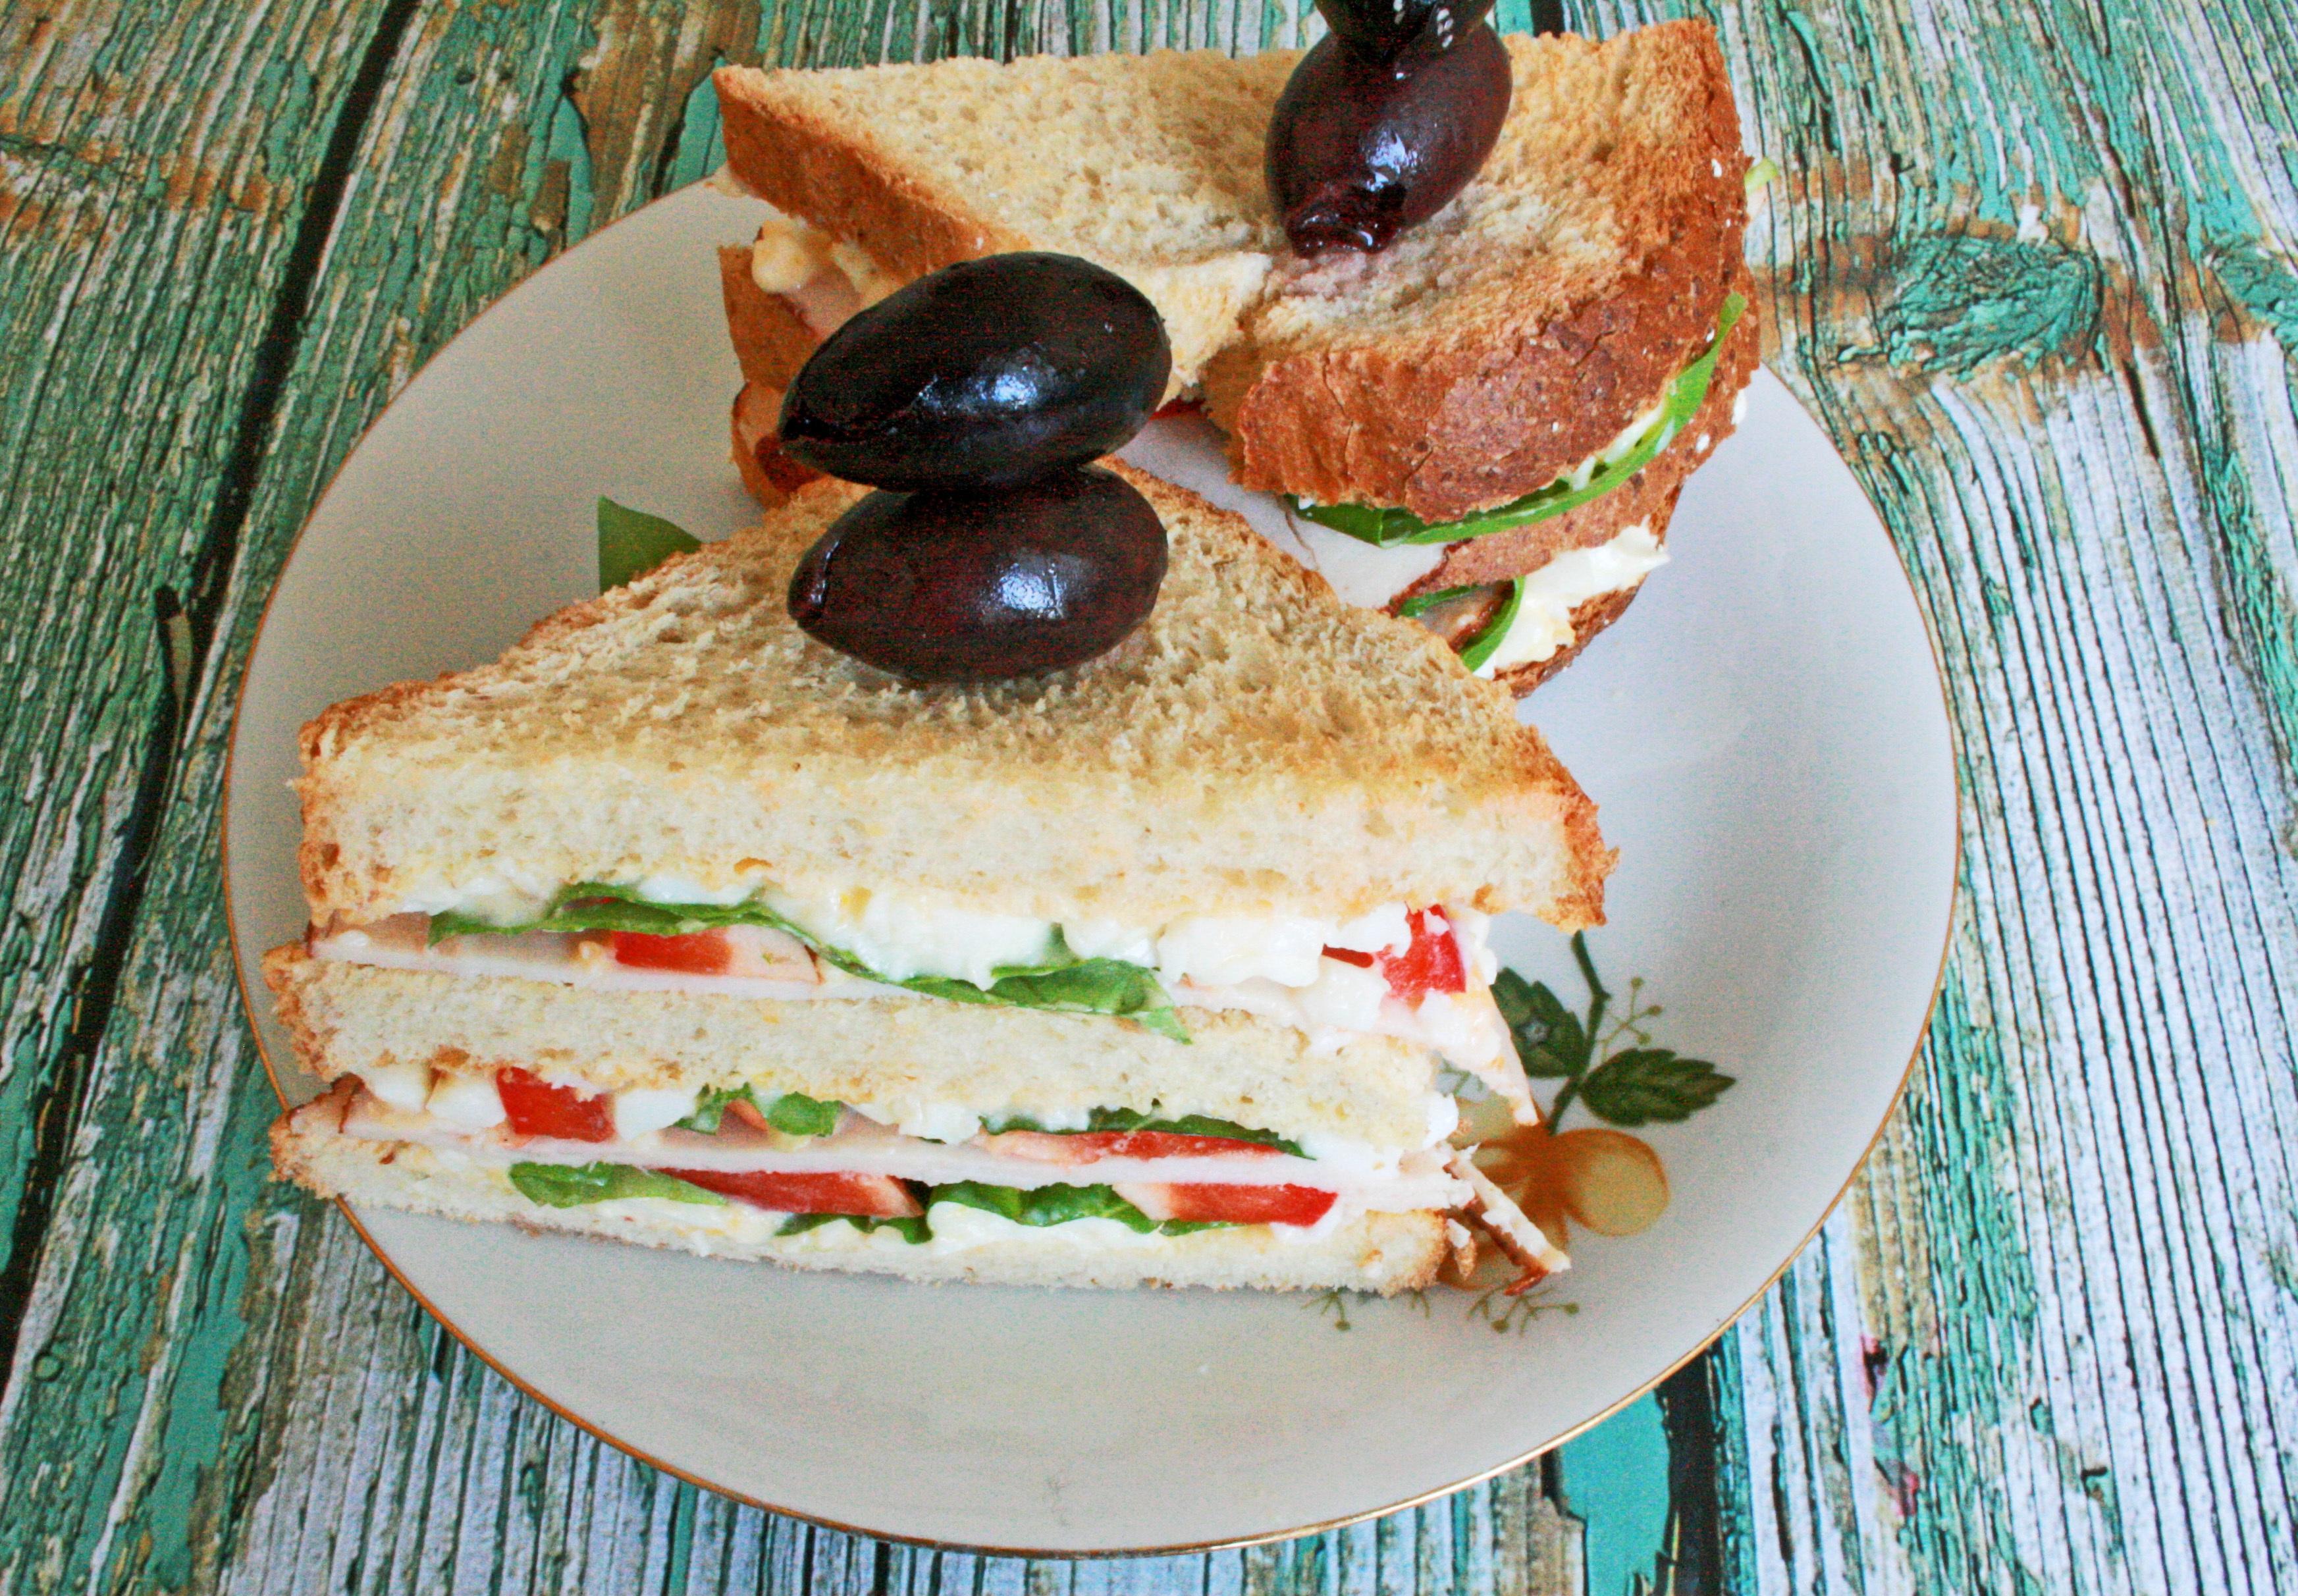 Desayuno almuerzo y comida saludable